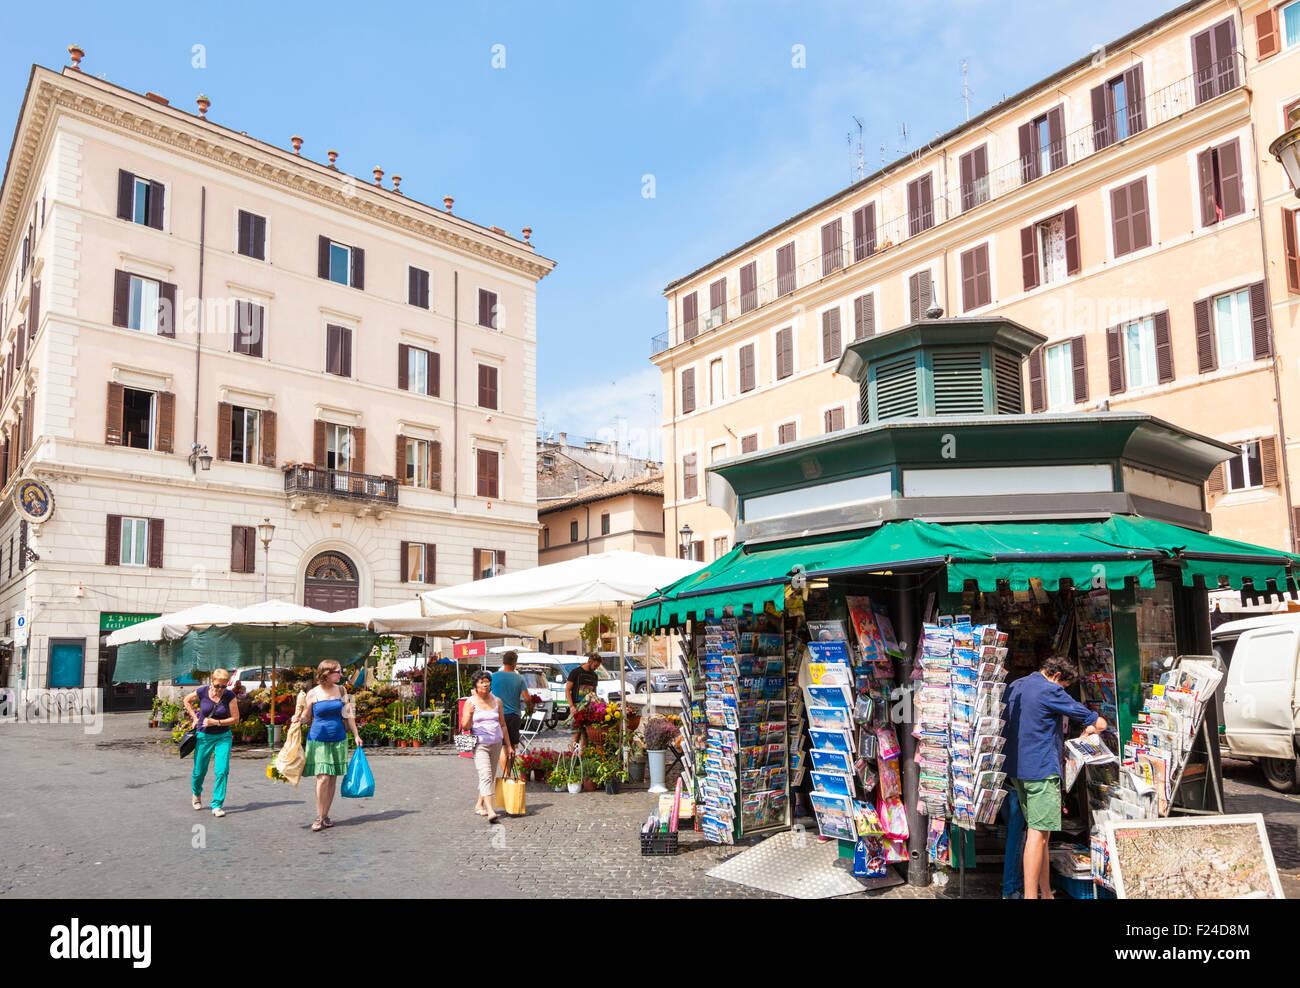 Produce and souvenir Stalls in the market in the Piazza campo de' Fiori Rome Italy roma lazio Italy EU Europe - Stock Image